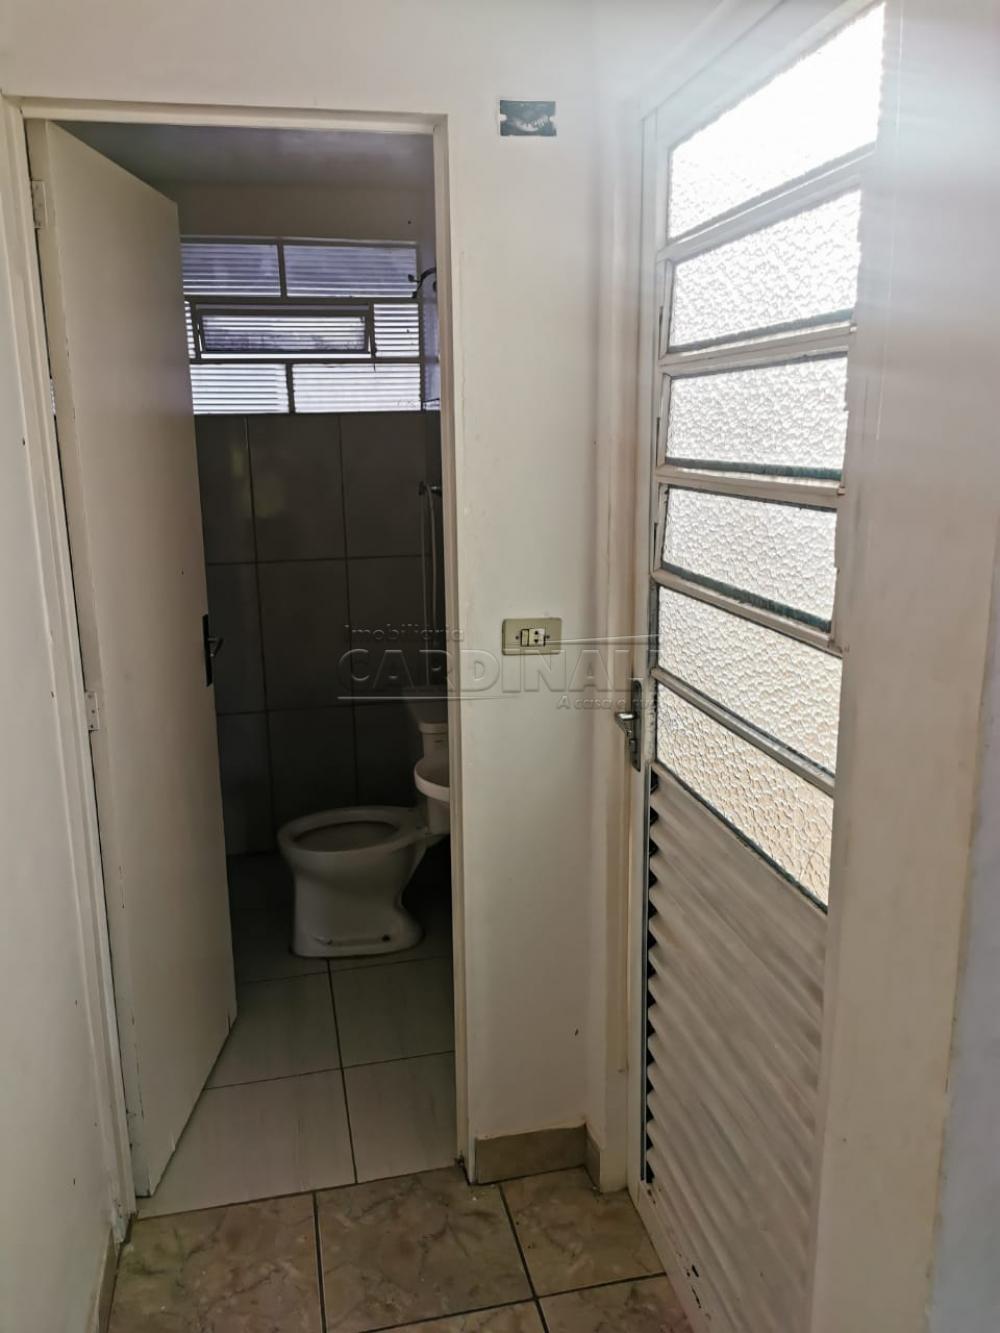 Alugar Comercial / Prédio em Araraquara R$ 600,00 - Foto 6